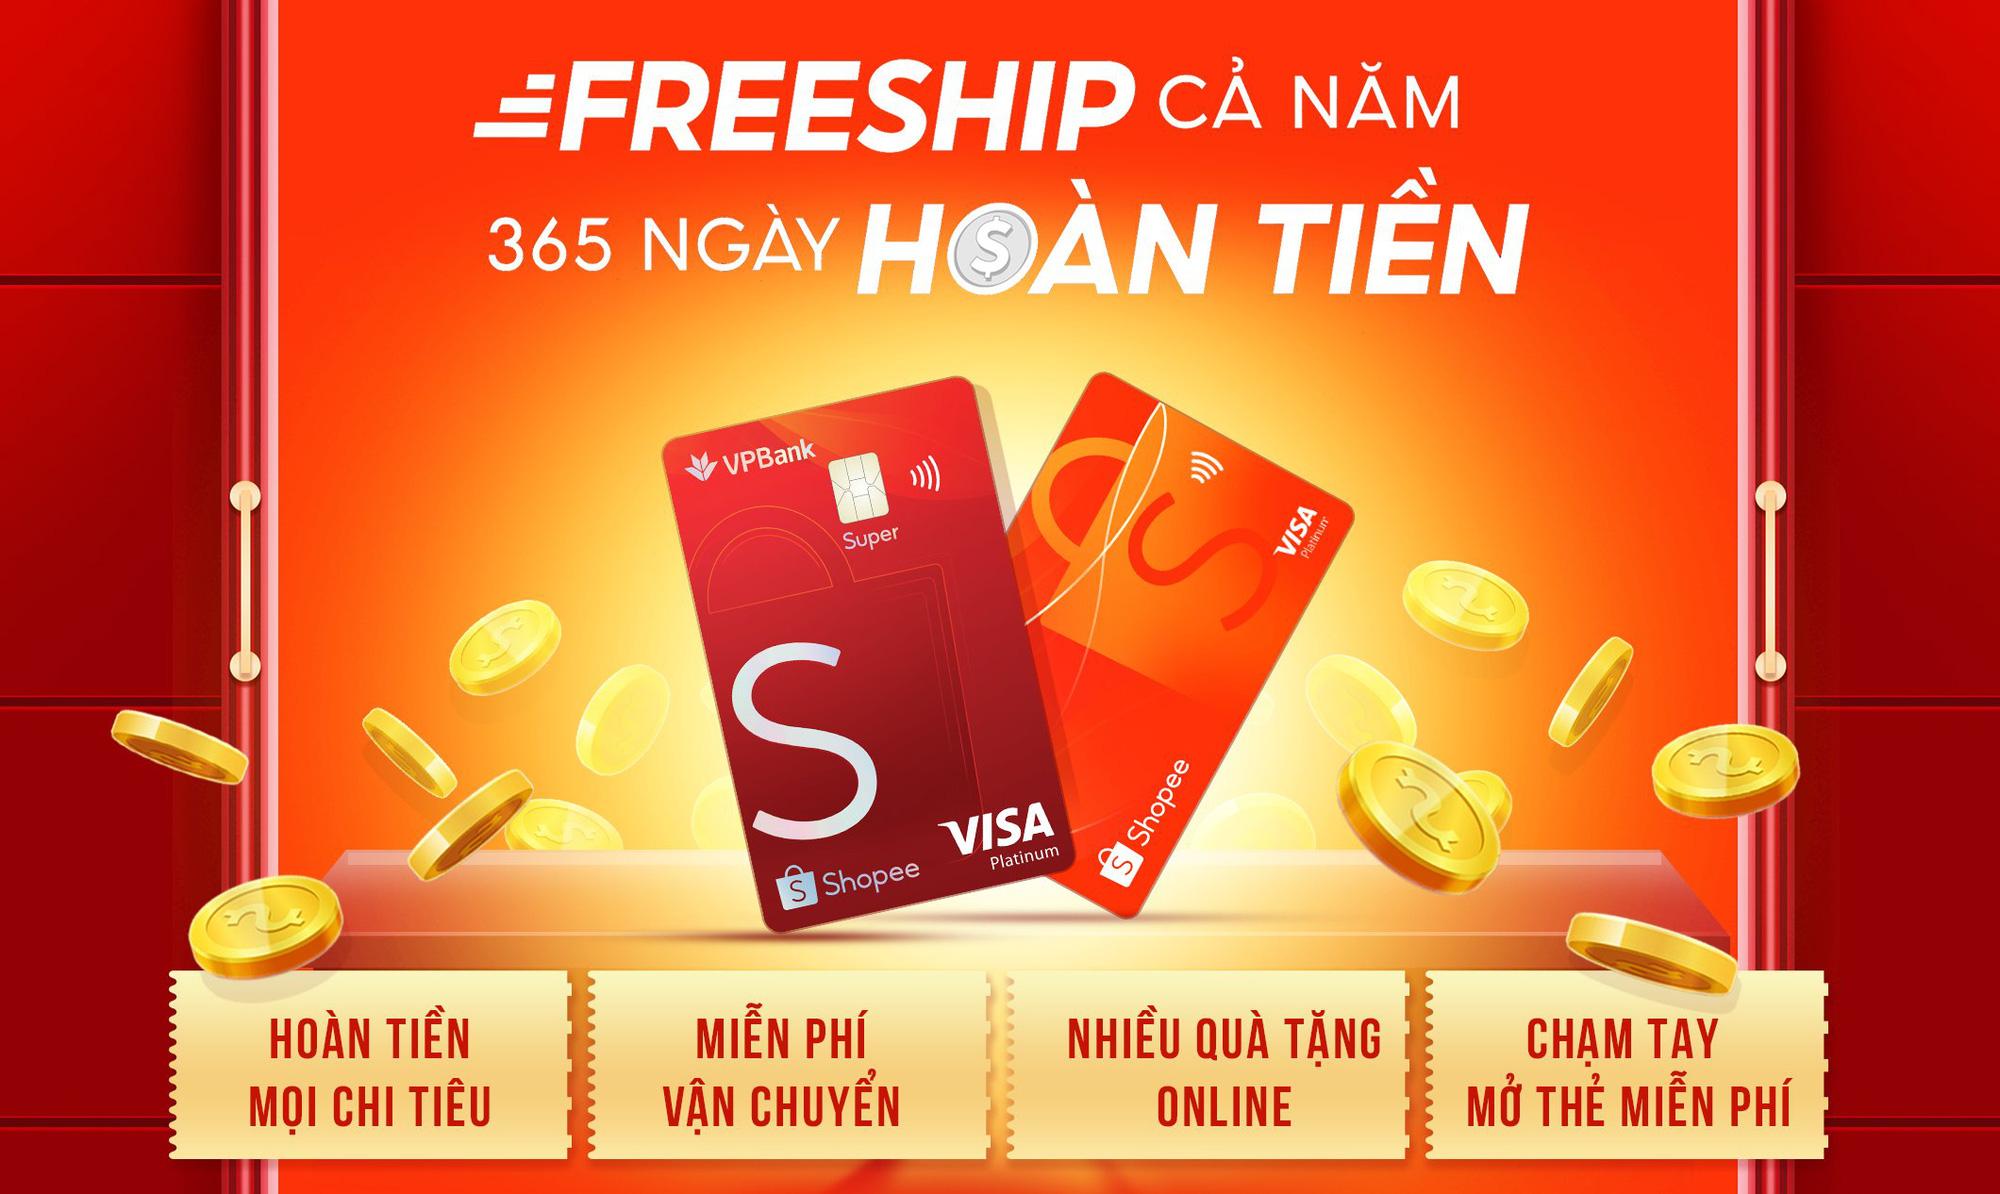 Trên tay thẻ tín dụng VPBank - Shopee: Ưu đãi freeship và hoàn tiền đến 10% - Ảnh 3.